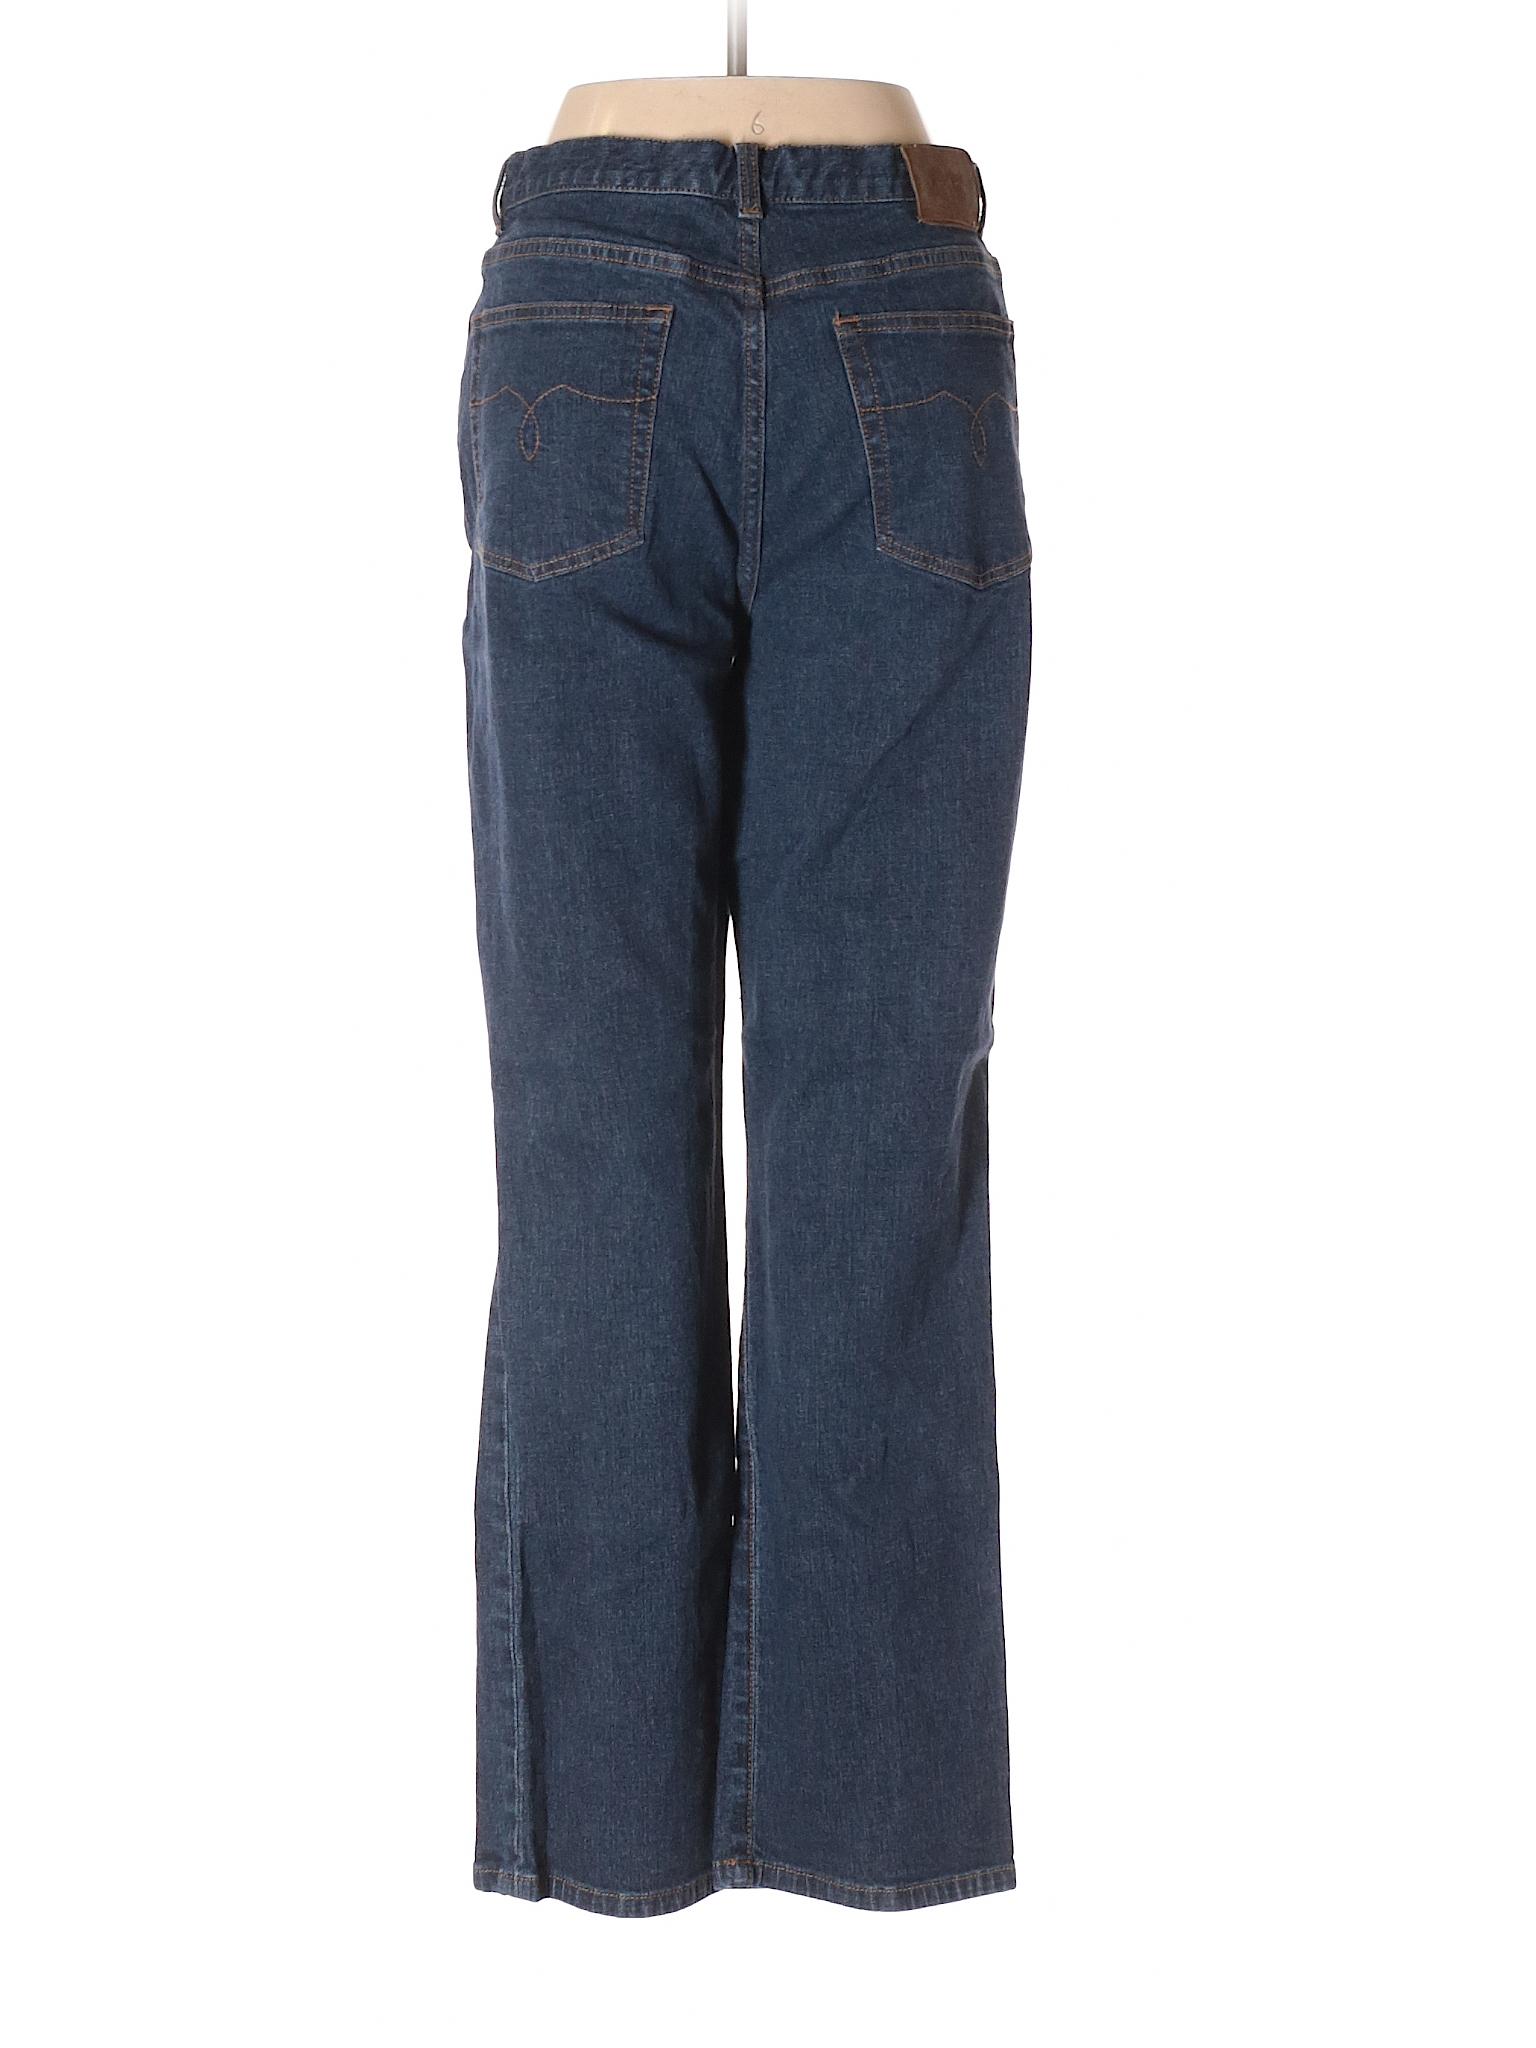 TqVINfPgft Jeans Lauren Lauren Lauren Promotion TqVINfPgft Promotion Promotion Jeans wIIZ0T